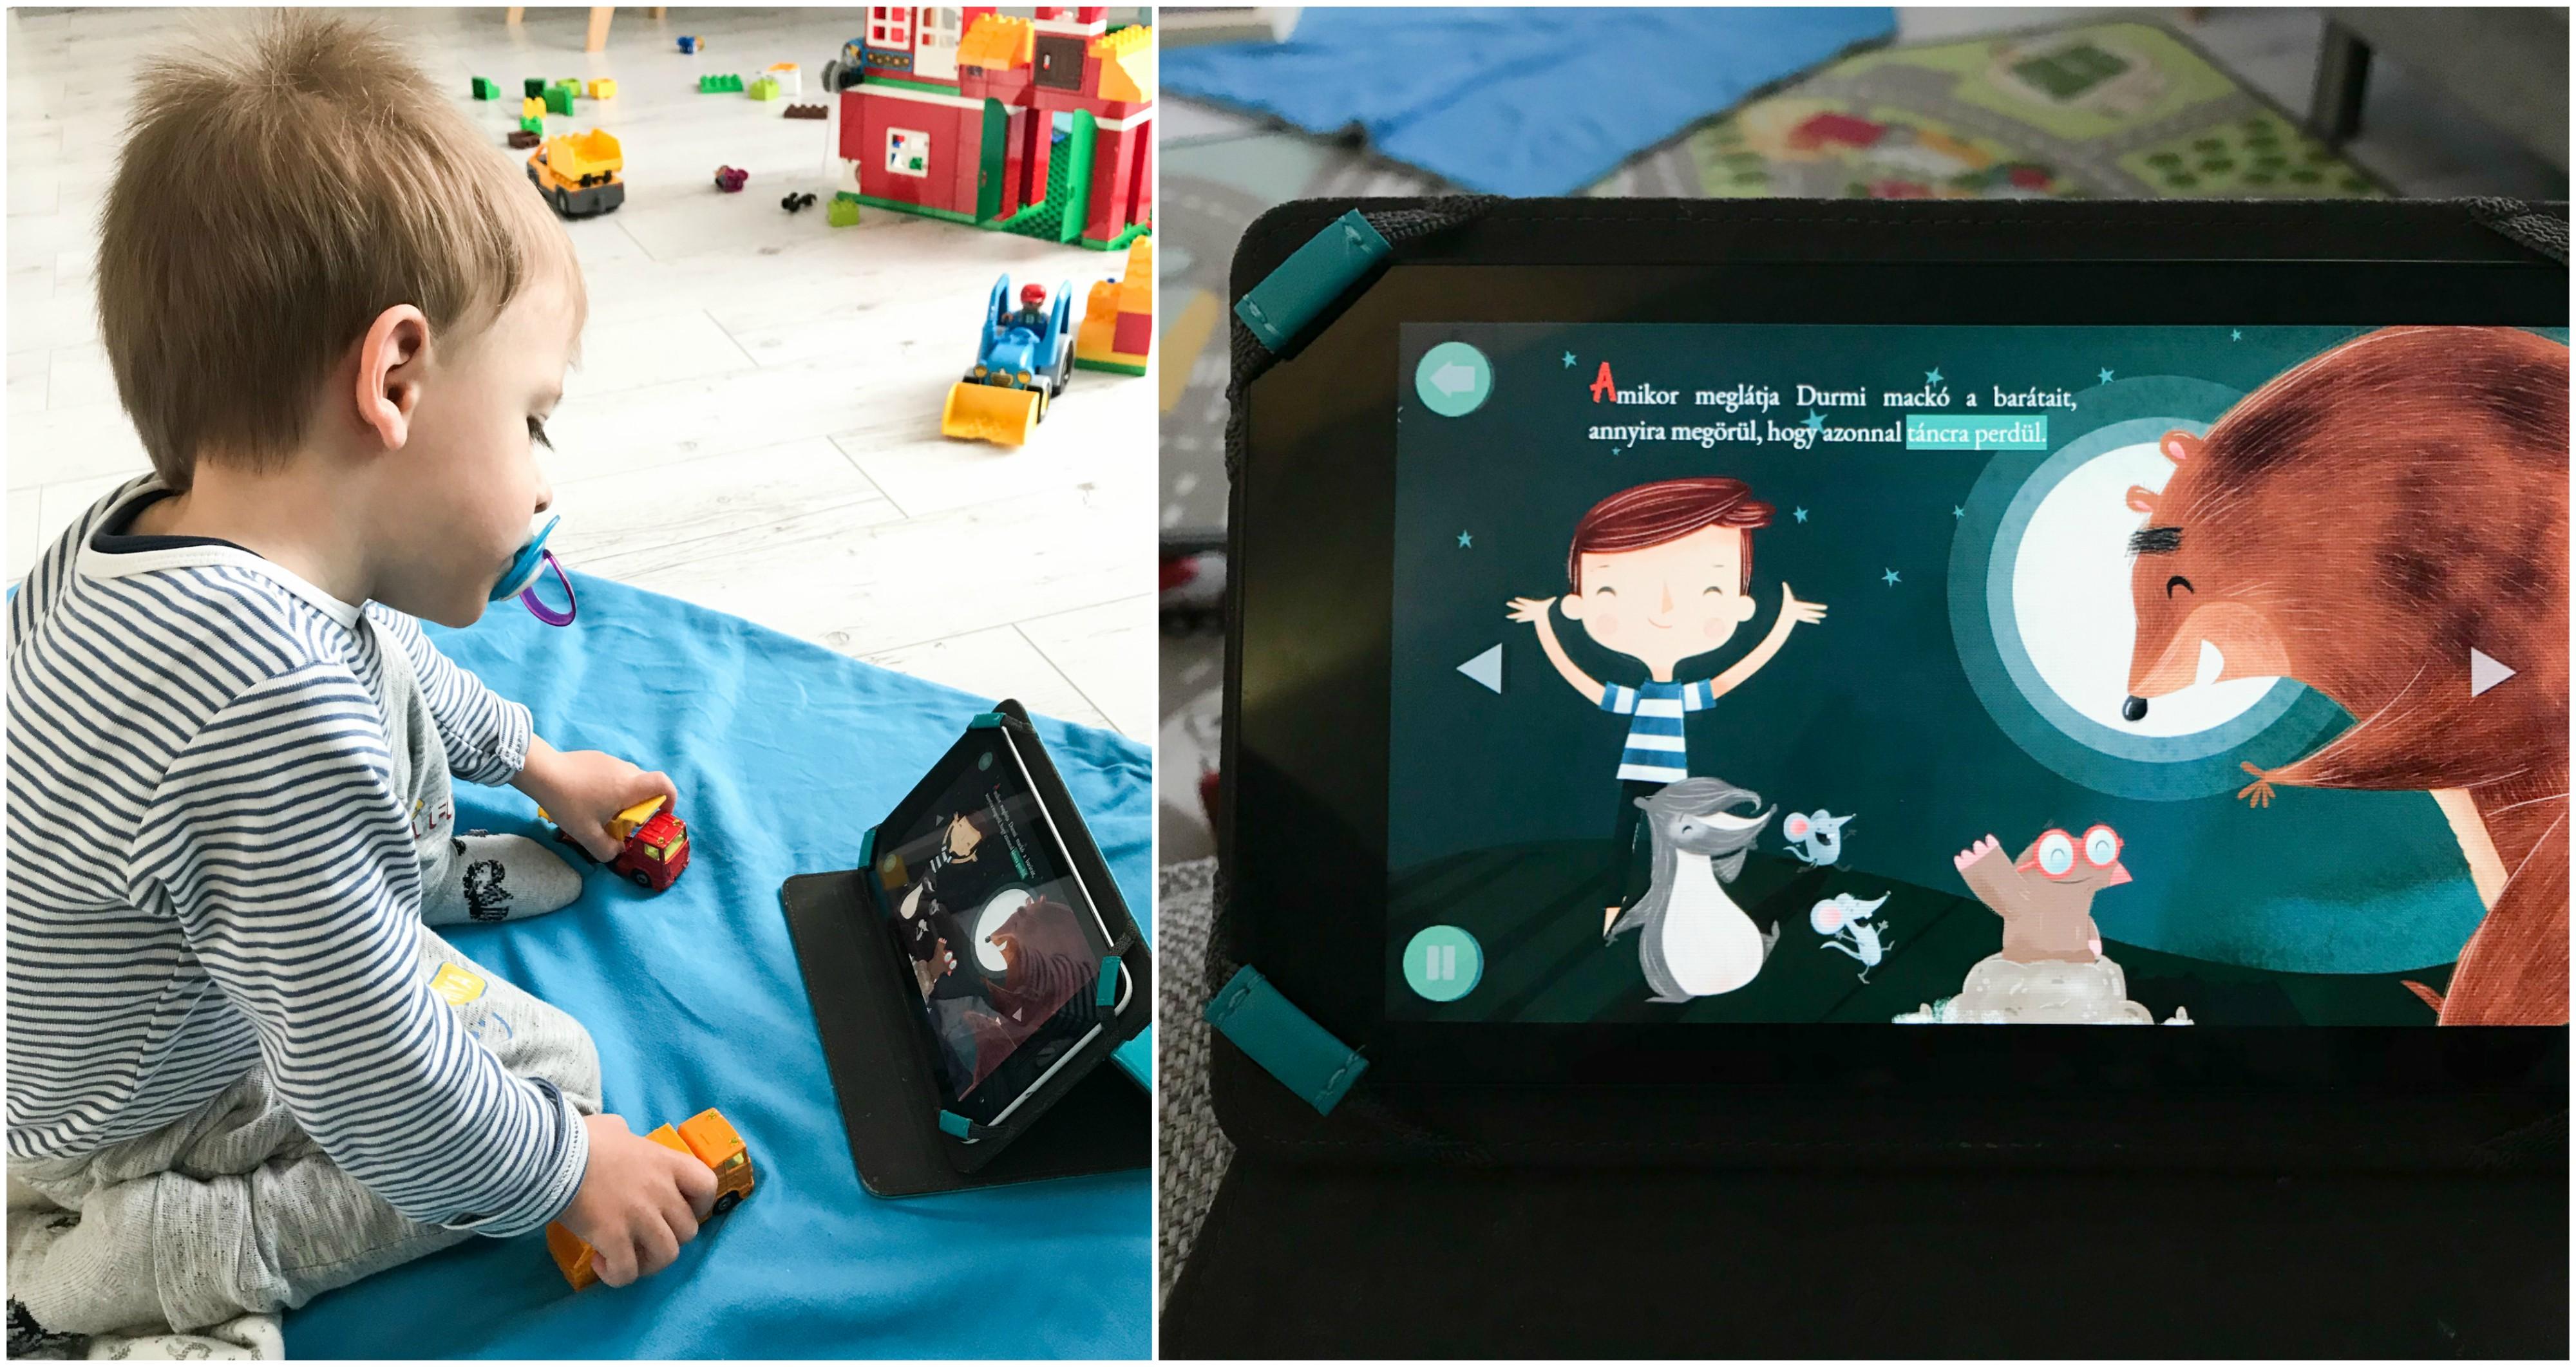 erdei_jogakaland_bookr_kids.jpg